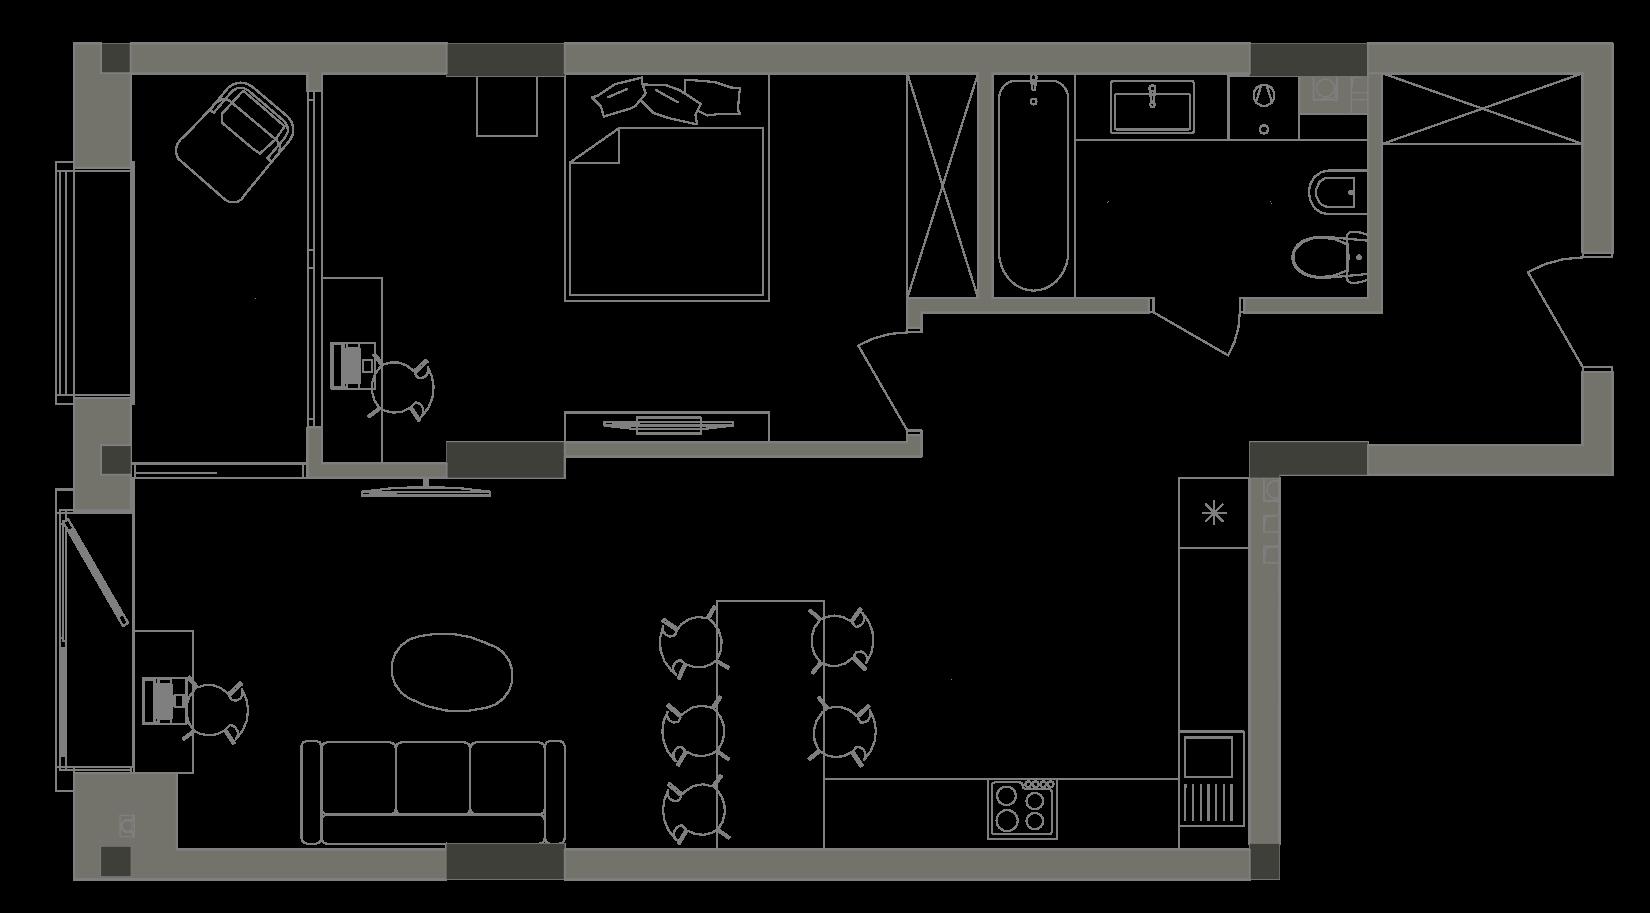 Квартира KV_11_1A_1_1_2